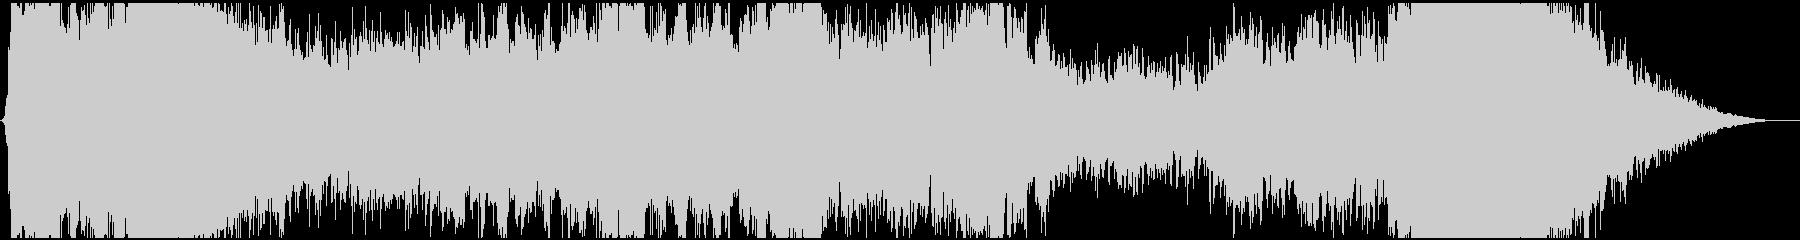 壮大なコーラスによるRPGボス戦闘曲の未再生の波形